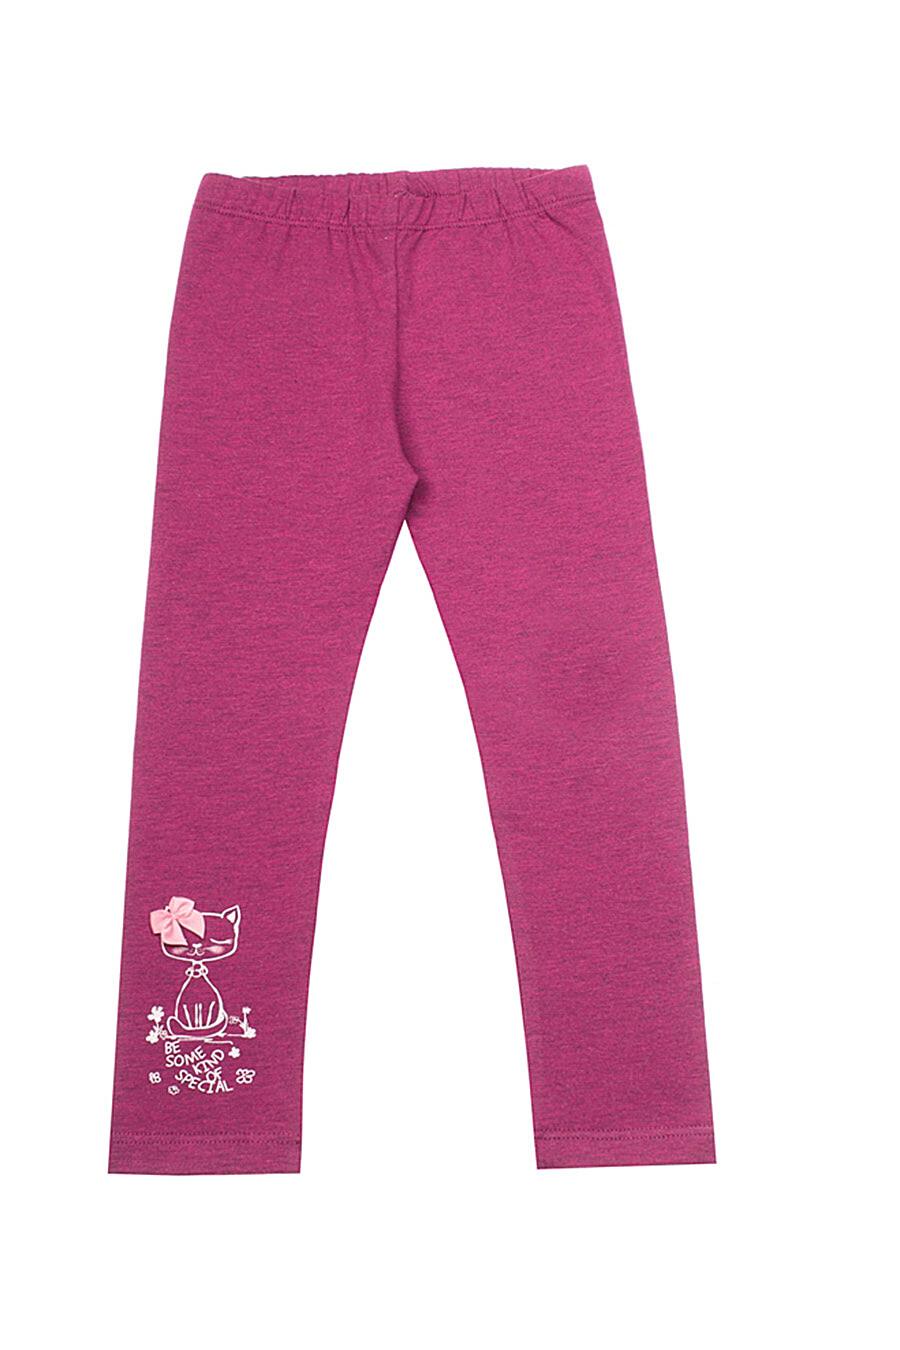 Рейтузы для девочек Archi 130948 купить оптом от производителя. Совместная покупка детской одежды в OptMoyo